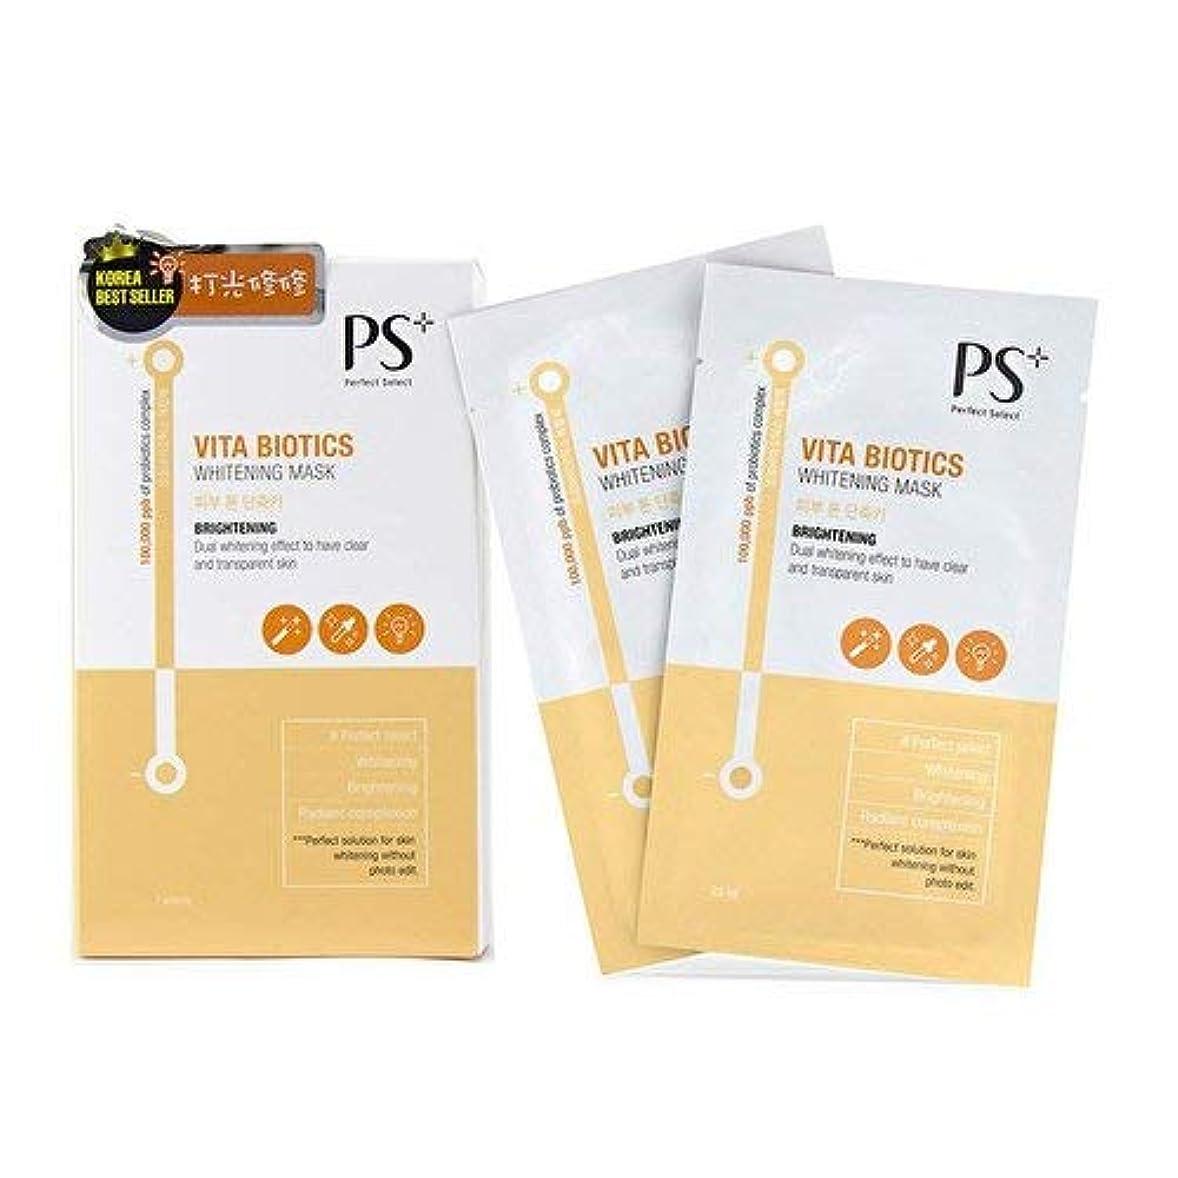 信頼性のあるチャールズキージング昆虫を見るPS Perfect Select Vita Biotics Whitening Mask - Brightening 7pcs並行輸入品